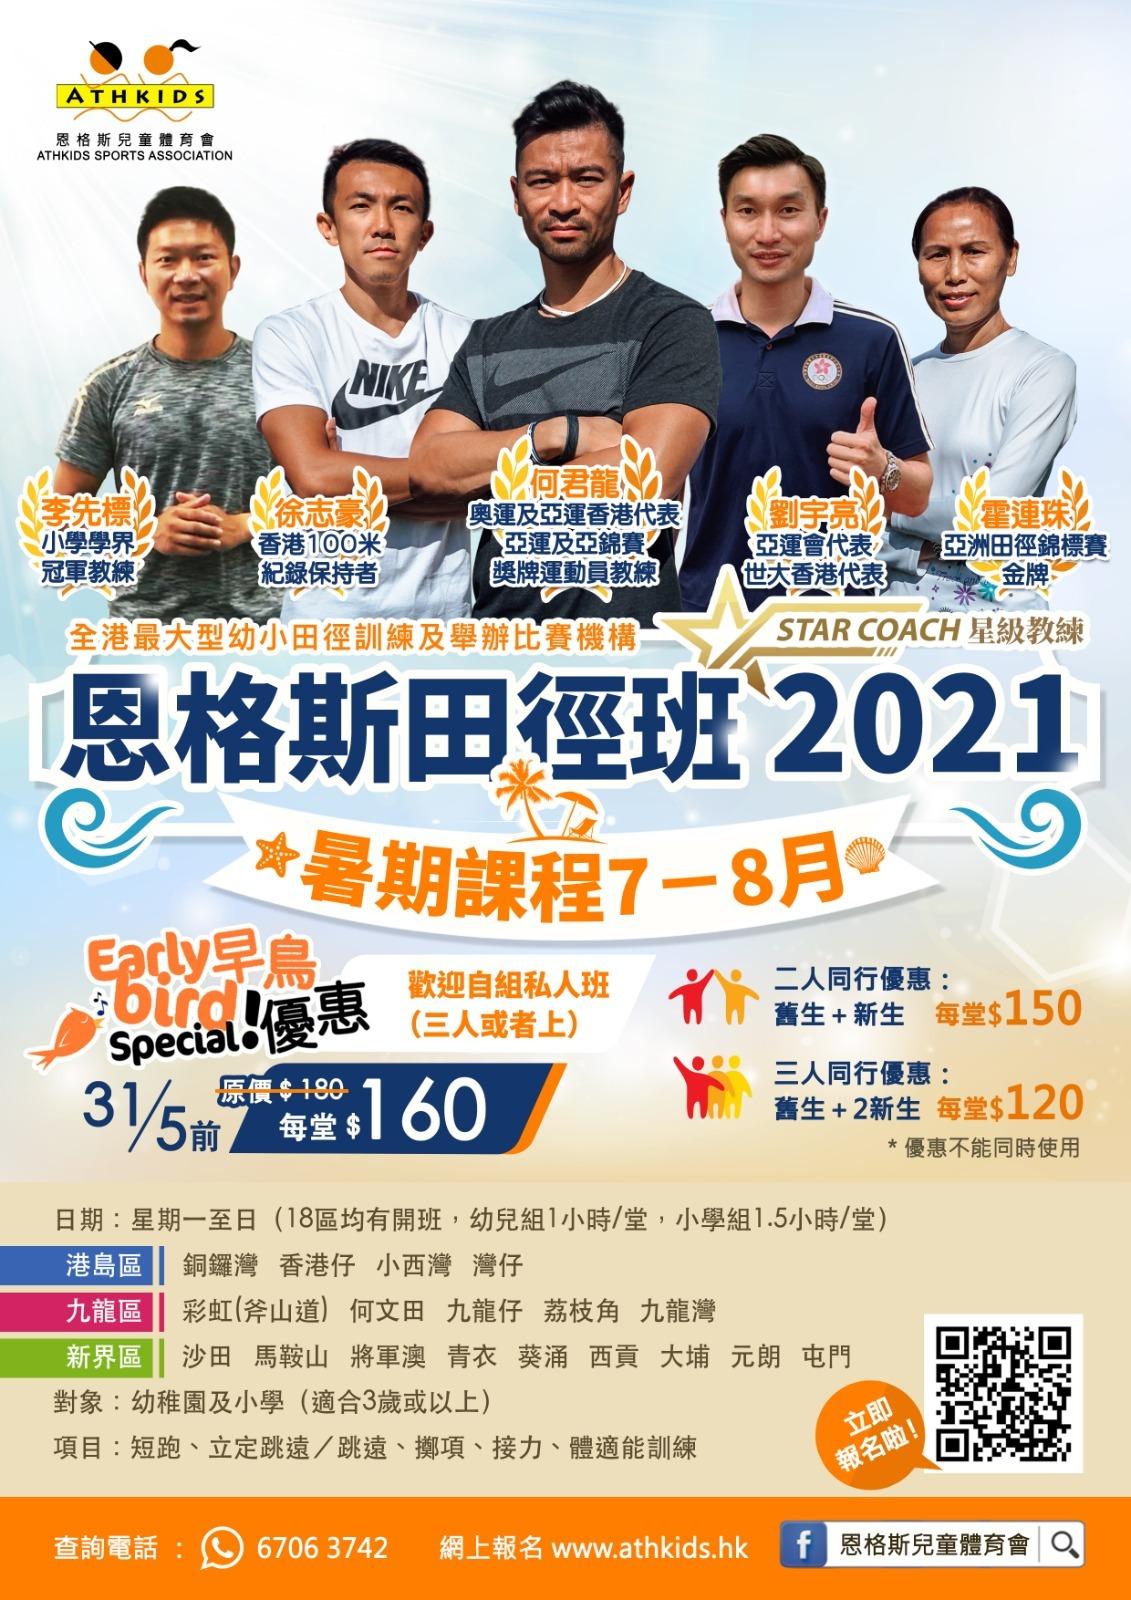 【2021恩格斯暑期田徑班(7-8月)】(現正招生)